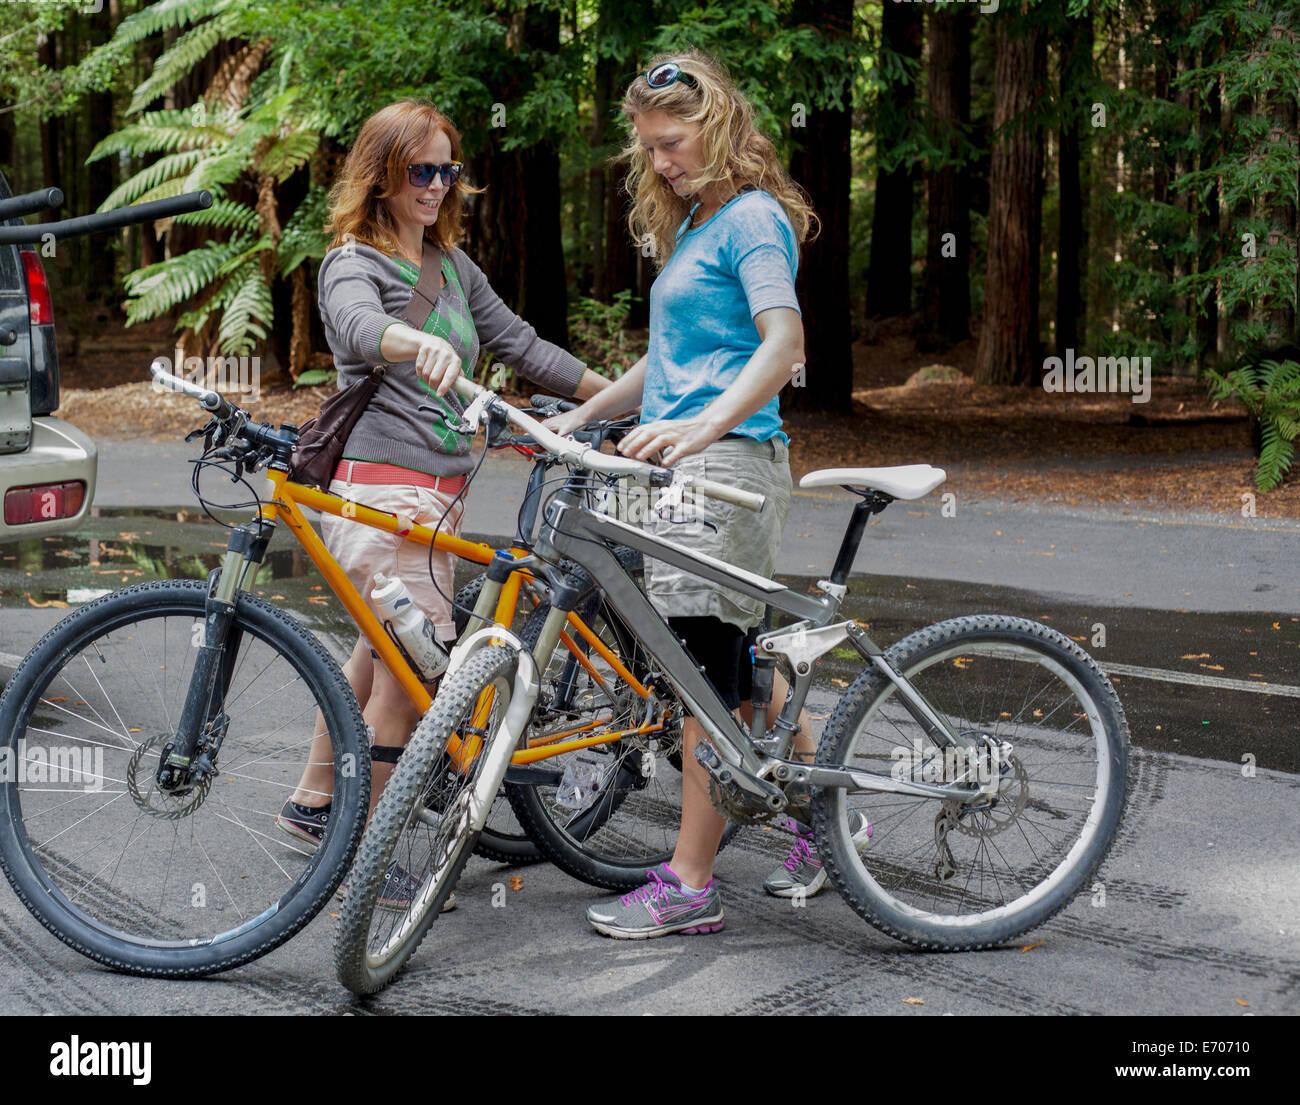 Due donne mountain bikers preparando a ciclo in foresta Immagini Stock